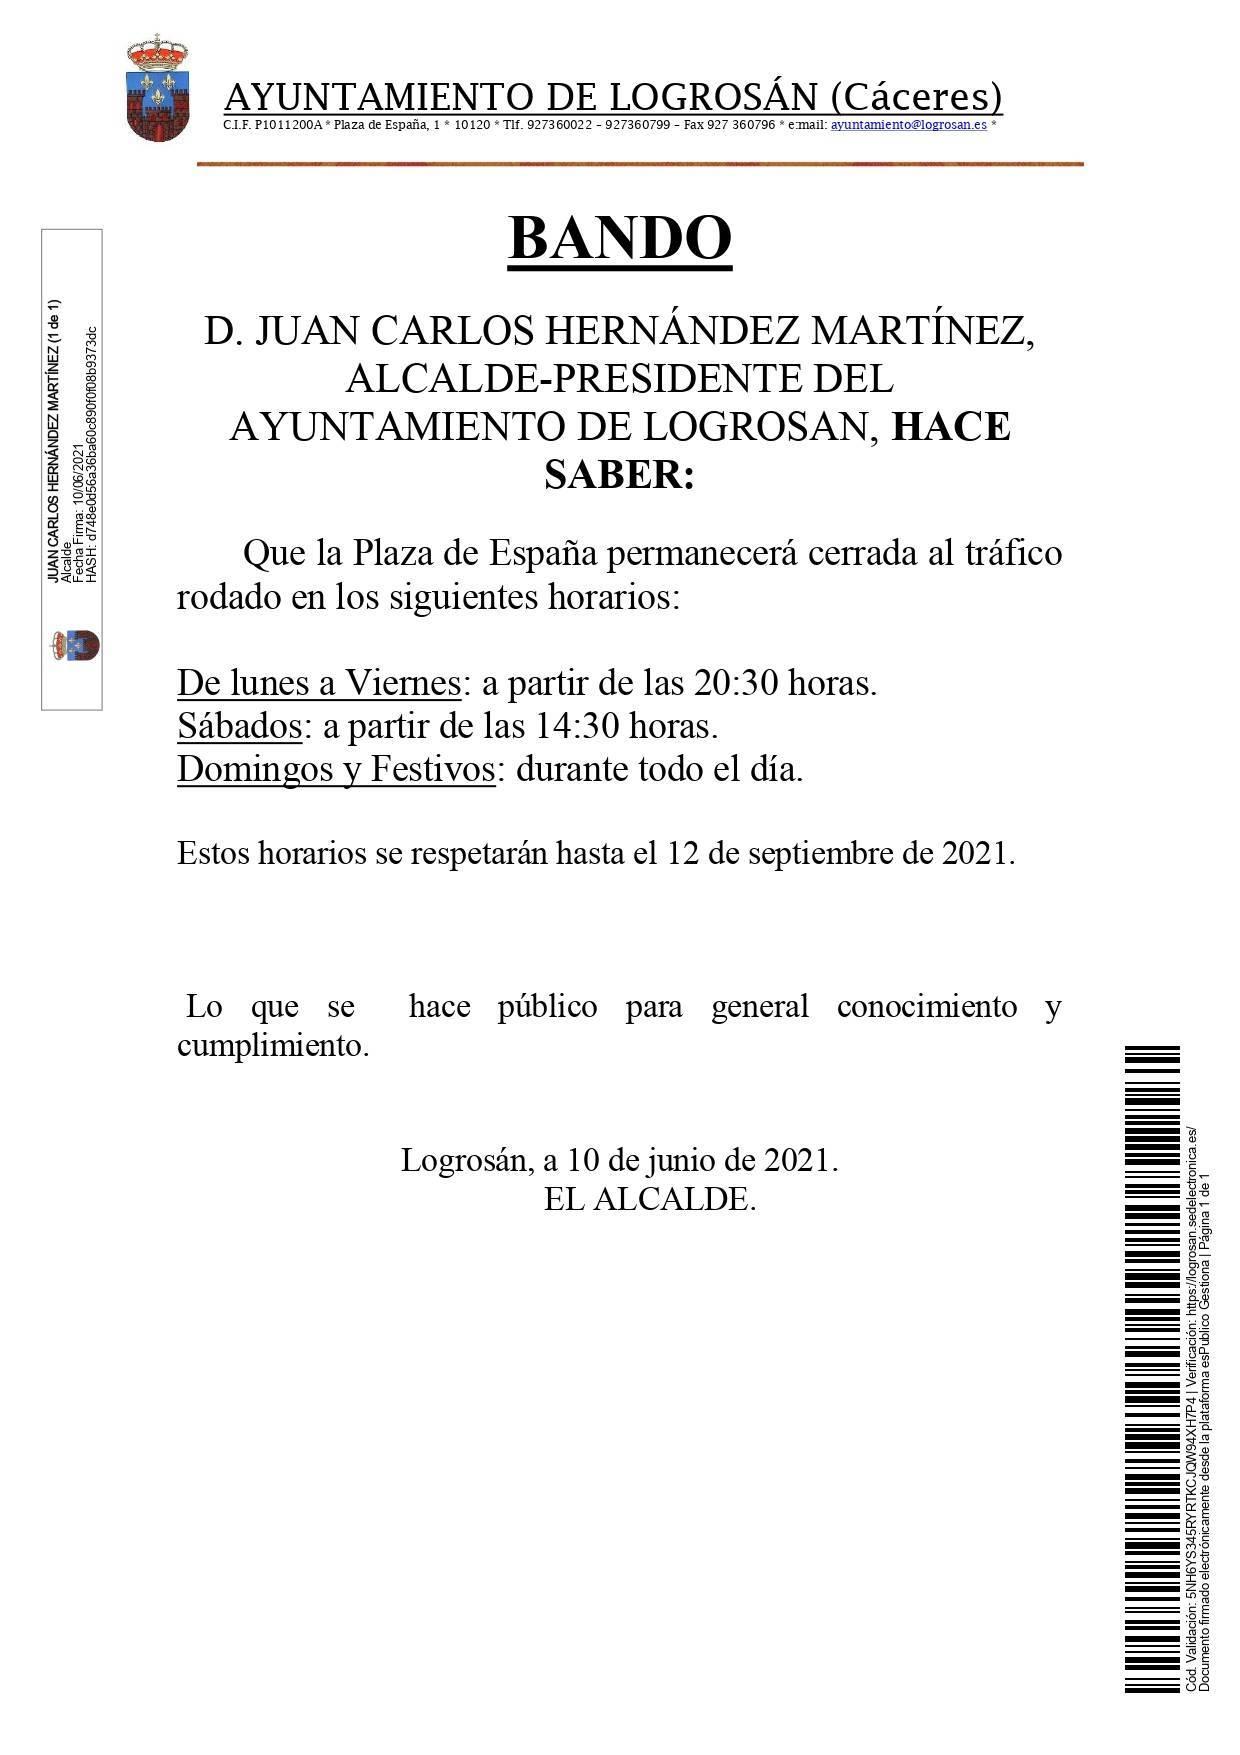 La plaza de España se cerrará parcialmente al tráfico rodado durante el verano (2021) - Logrosán (Cáceres)